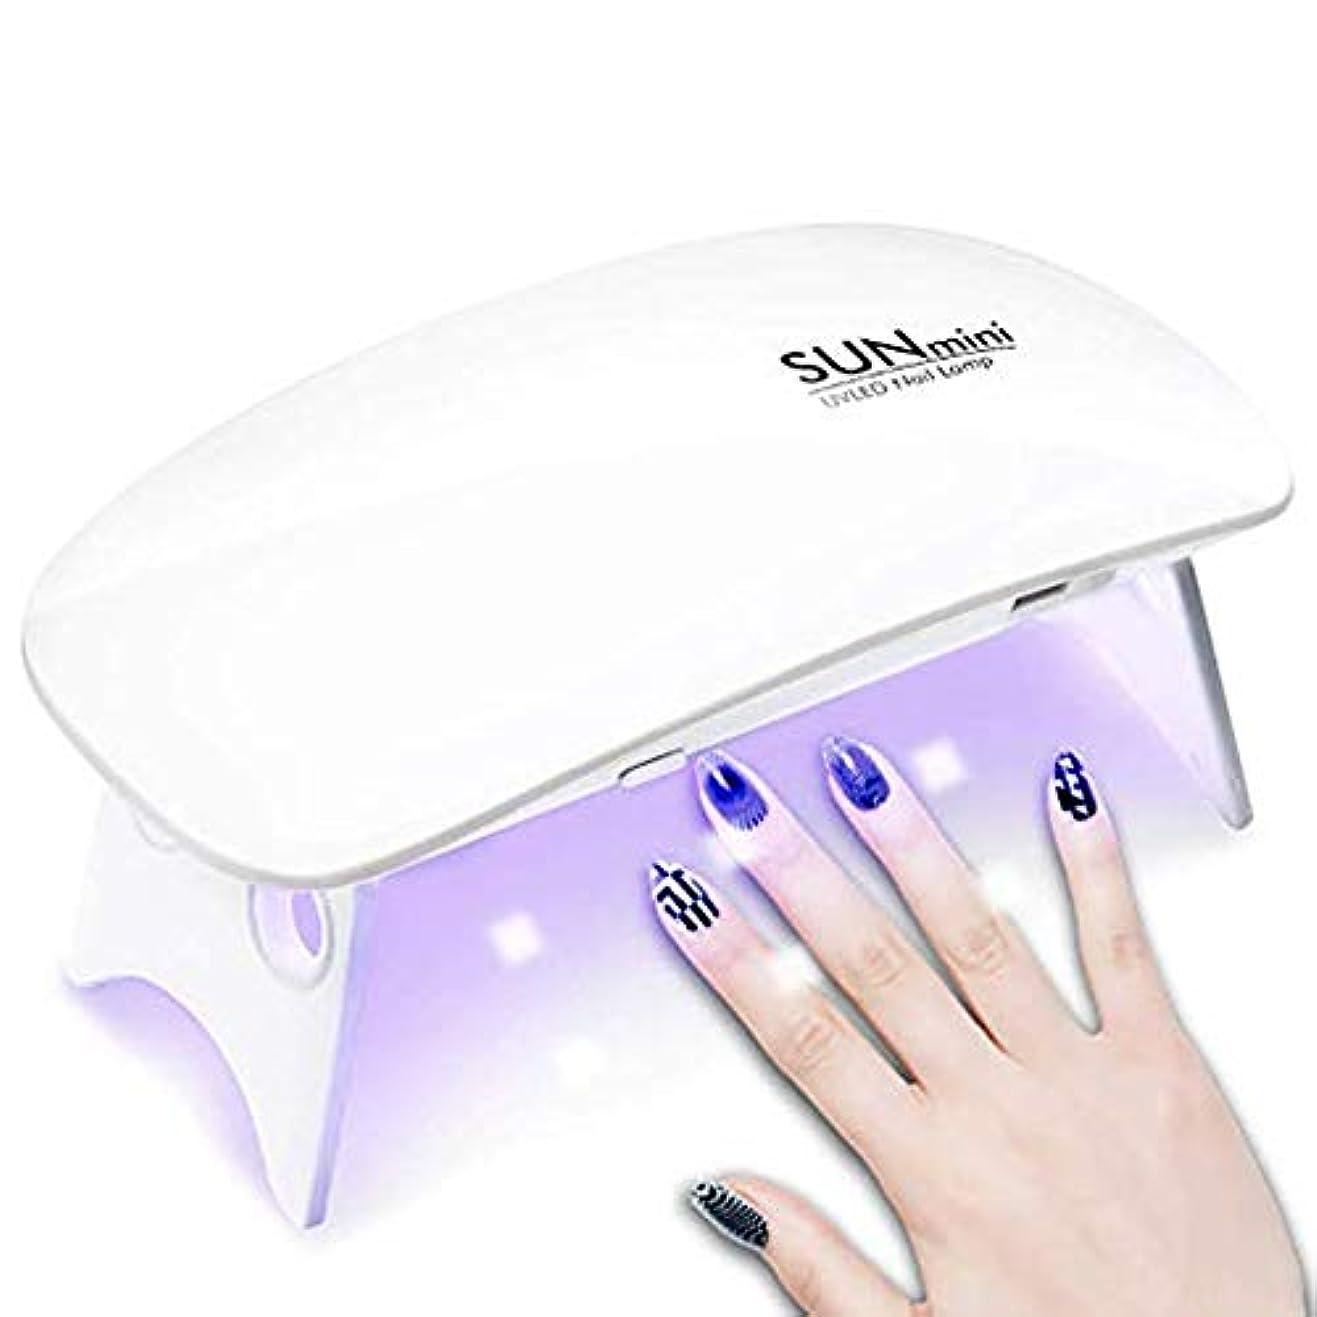 当社主権者旅客LEDネイルドライヤー UVライト 折りたたみ式 設定可能 タイマー ジェルネイル LED 硬化ライト UV と LEDダブルライト ジェルネイル用 ホワイト